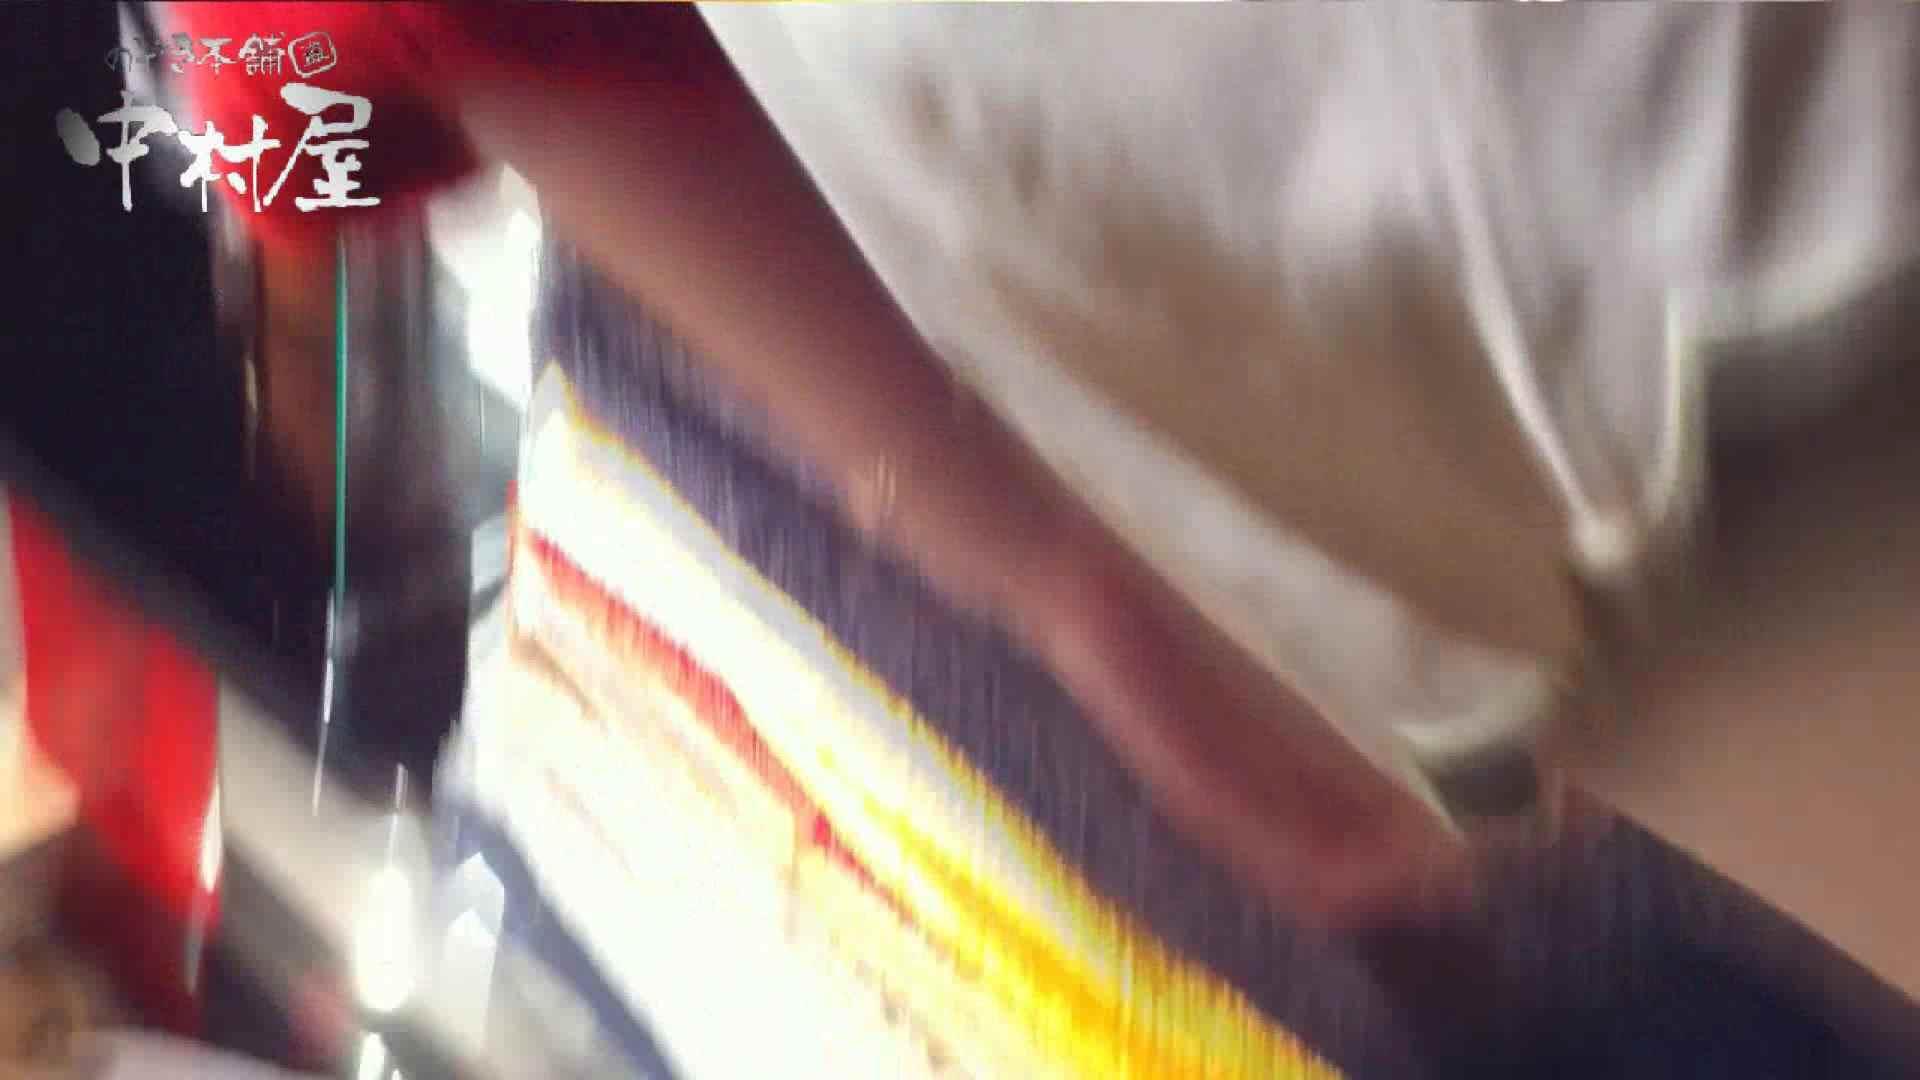 vol.62 美人アパレル胸チラ&パンチラ 笑顔のチャーミングなおねぃさん パンチラ 盗撮画像 100枚